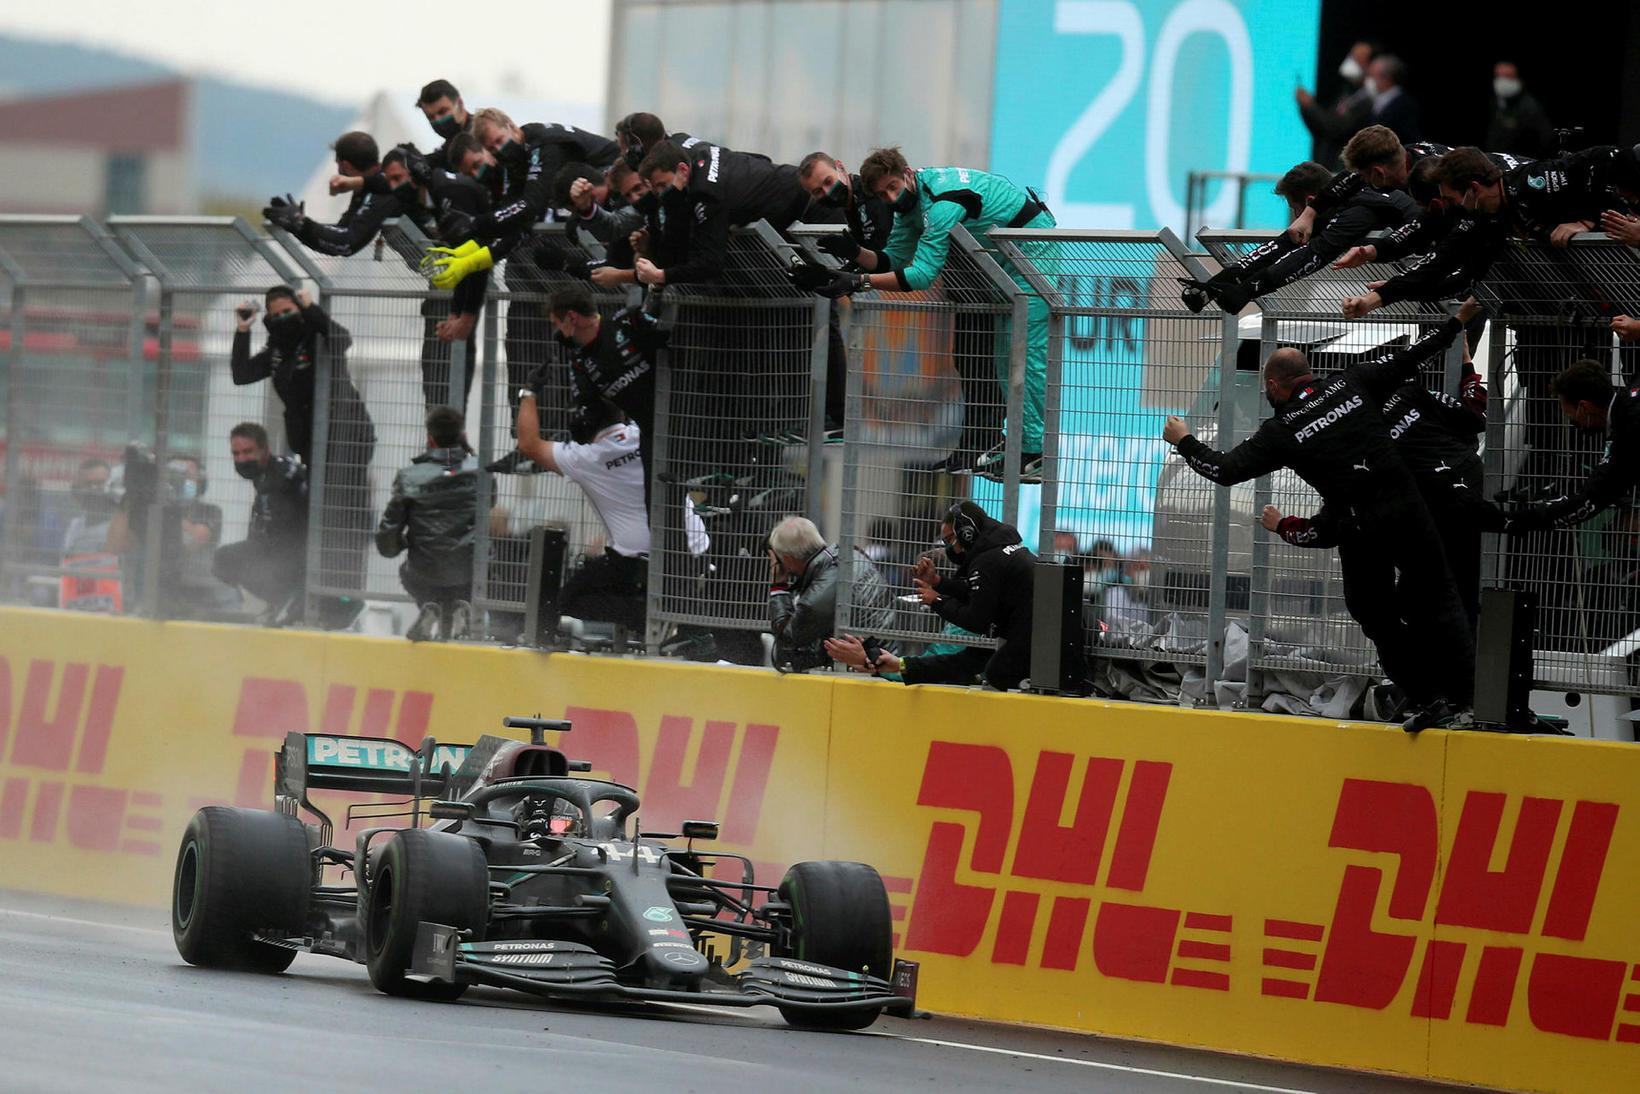 Lewis Hamilton ekur yfir endamarkið í Istanbúl.